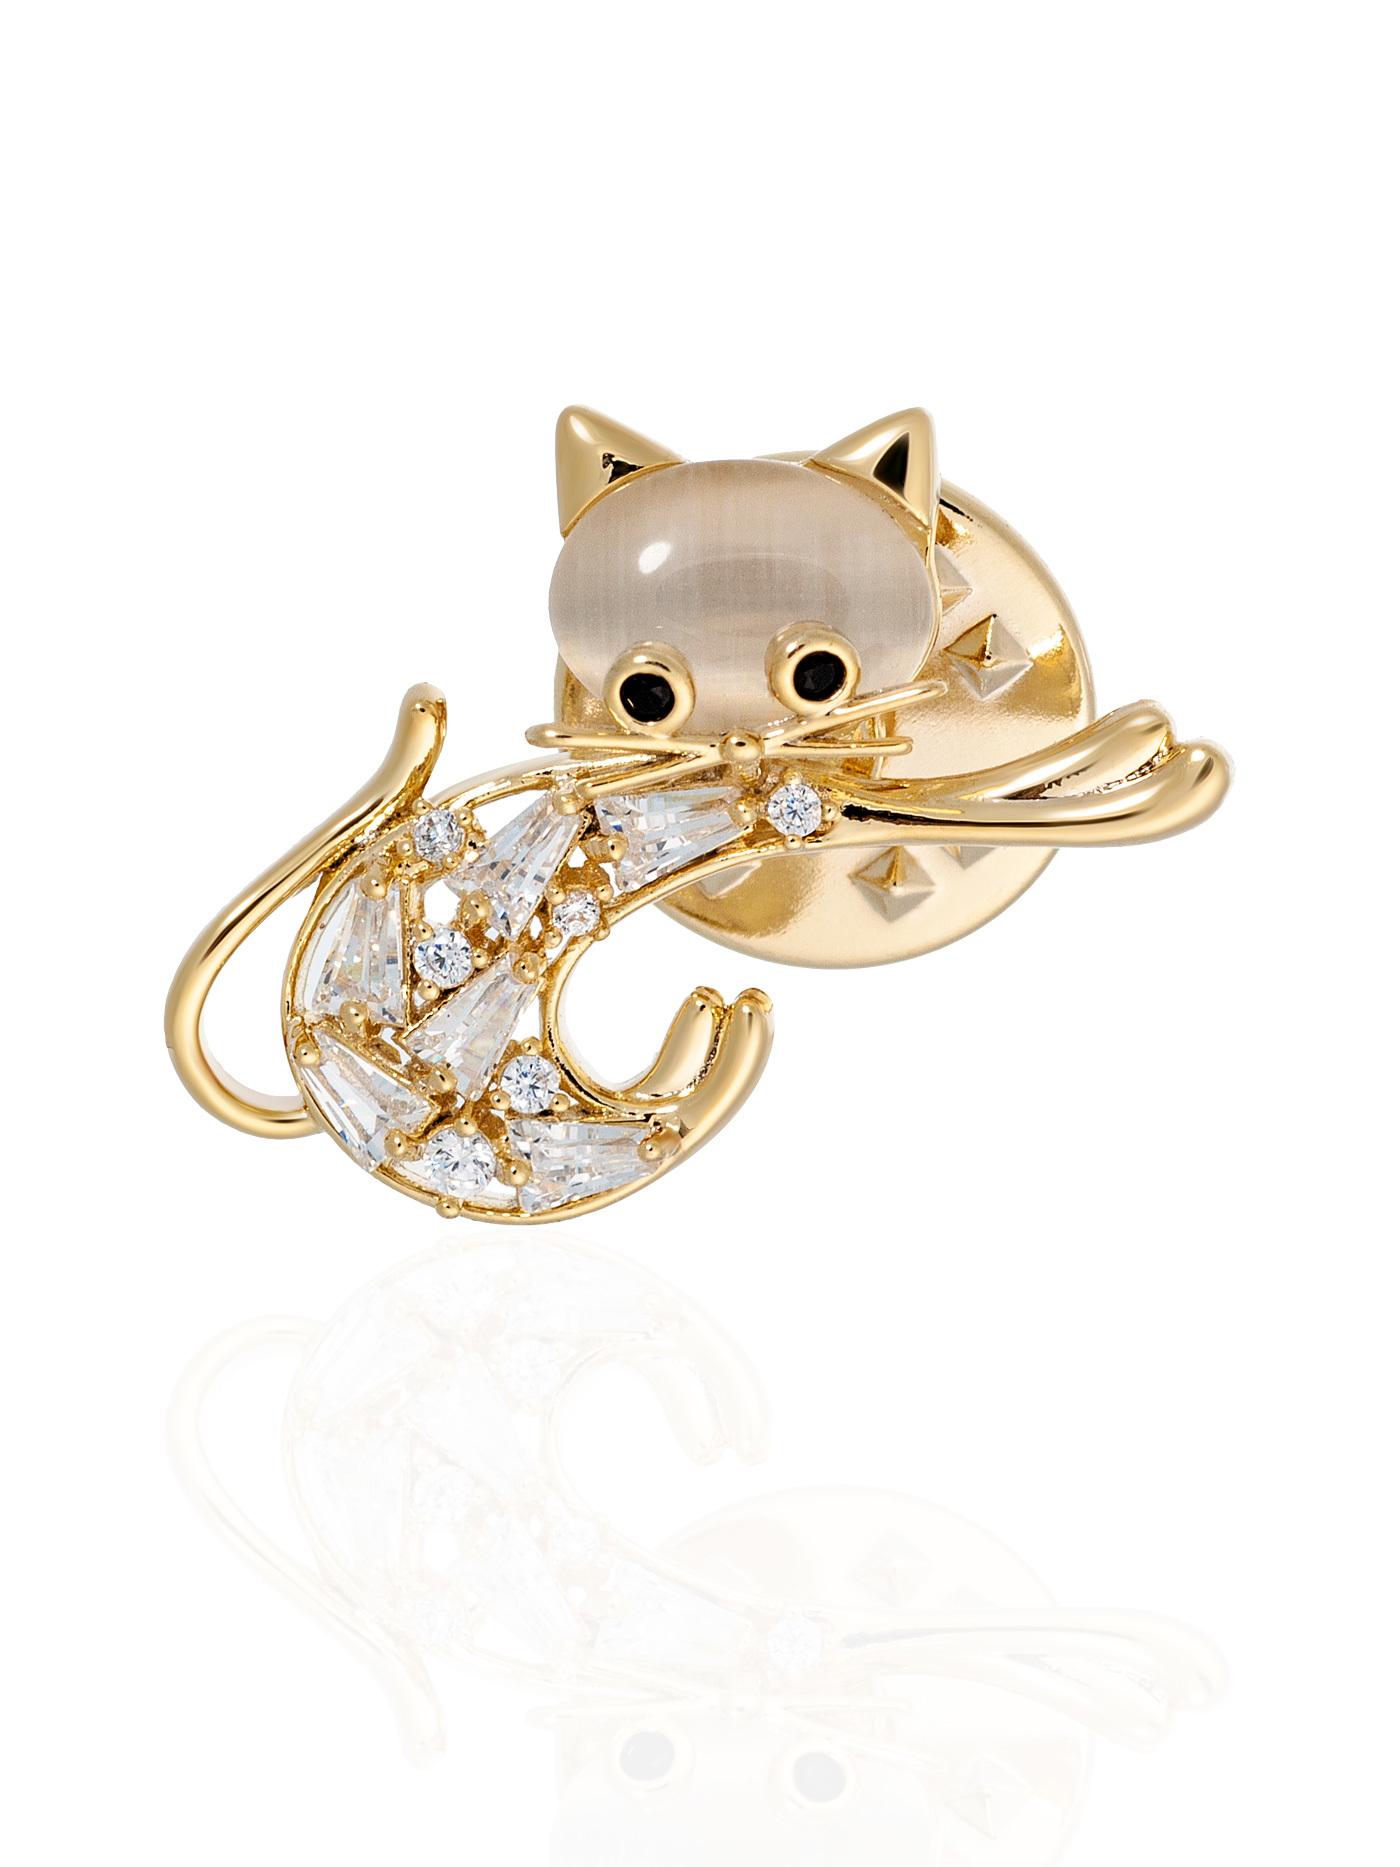 Мини-брошь-значок Кошка с фианитами в подарочной коробке, подарок подруге